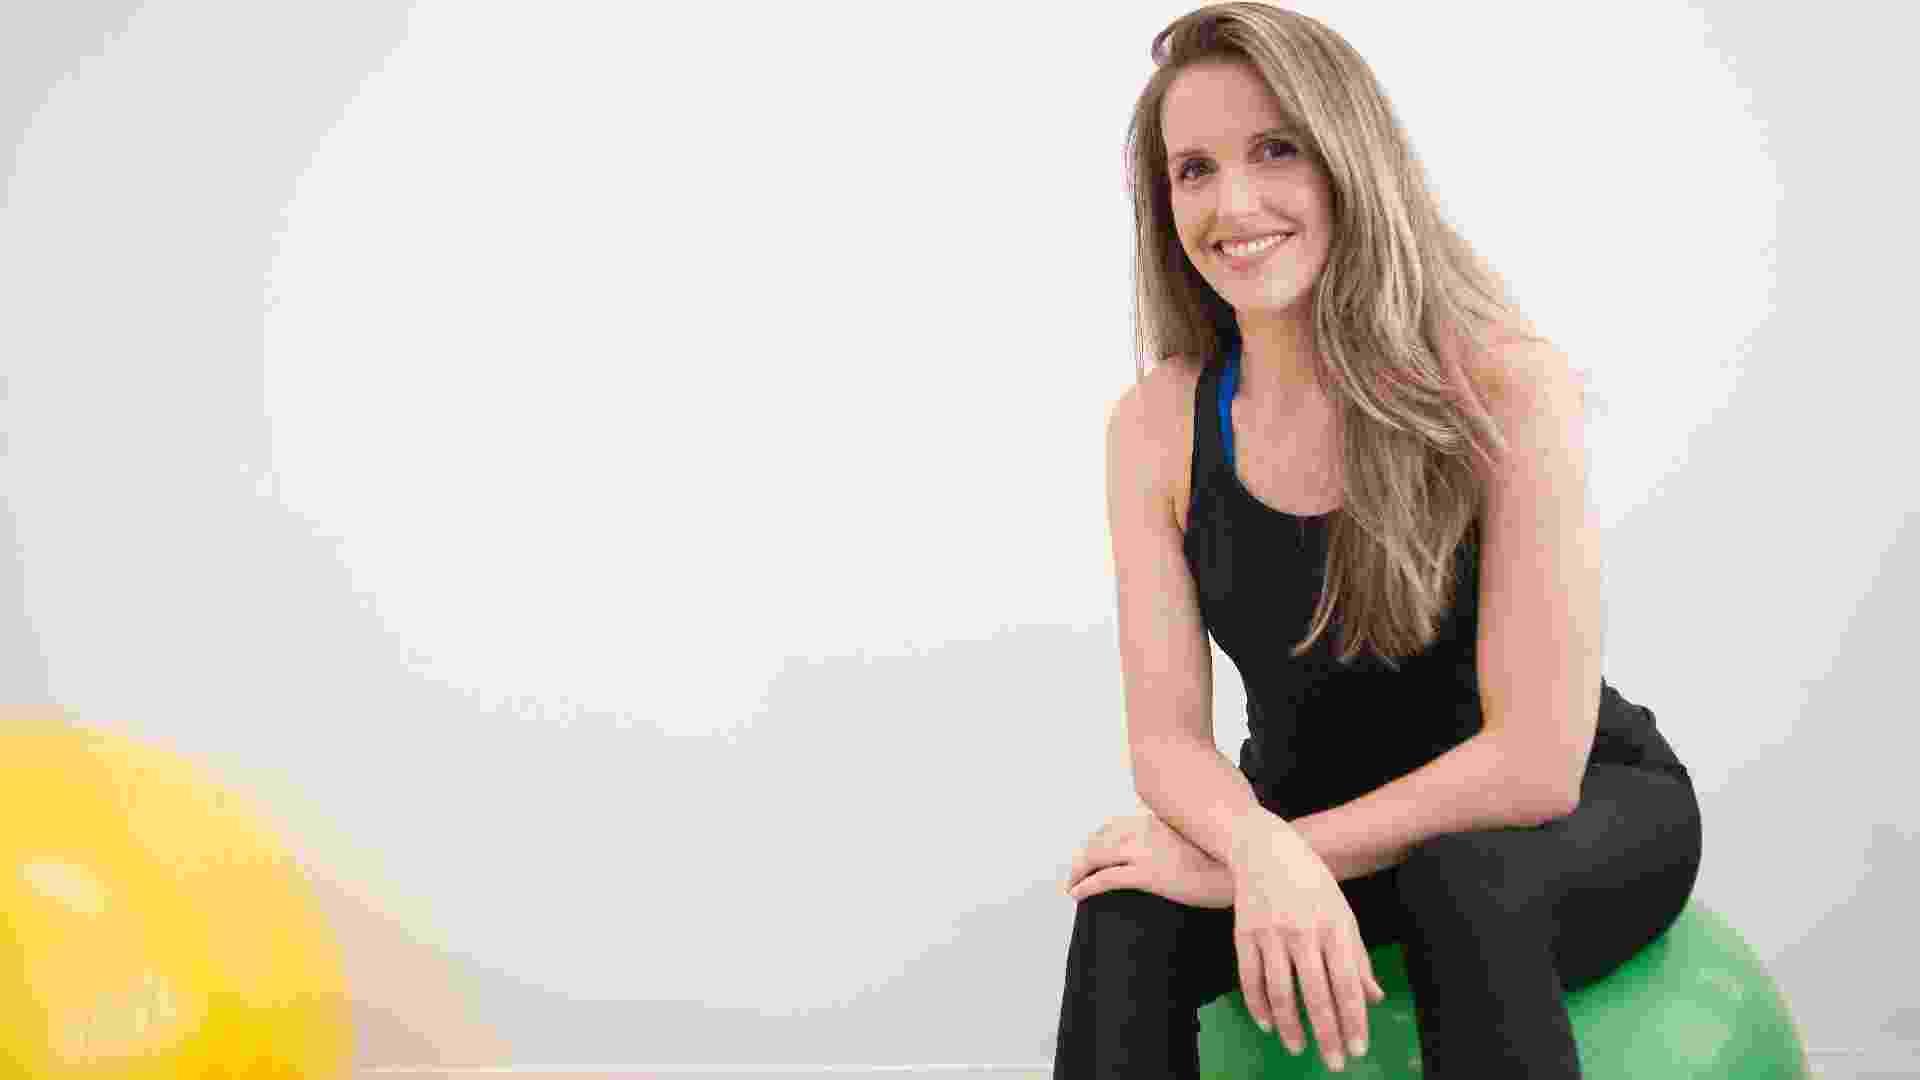 A apresentadora Mariana Ferrão começou a fortalecer a musculatura do assoalho pélvico no terceiro mês de gestação e não parou mais. Atualmente, ela faz duas sessões de fisioterapia semanais na clínica da fisioterapeuta Mirca Ocanhas, em São Paulo. Paralelamente a isso, Mariana faz também algumas séries em casa e caminha todos os dias - Reinaldo Canato/UOL